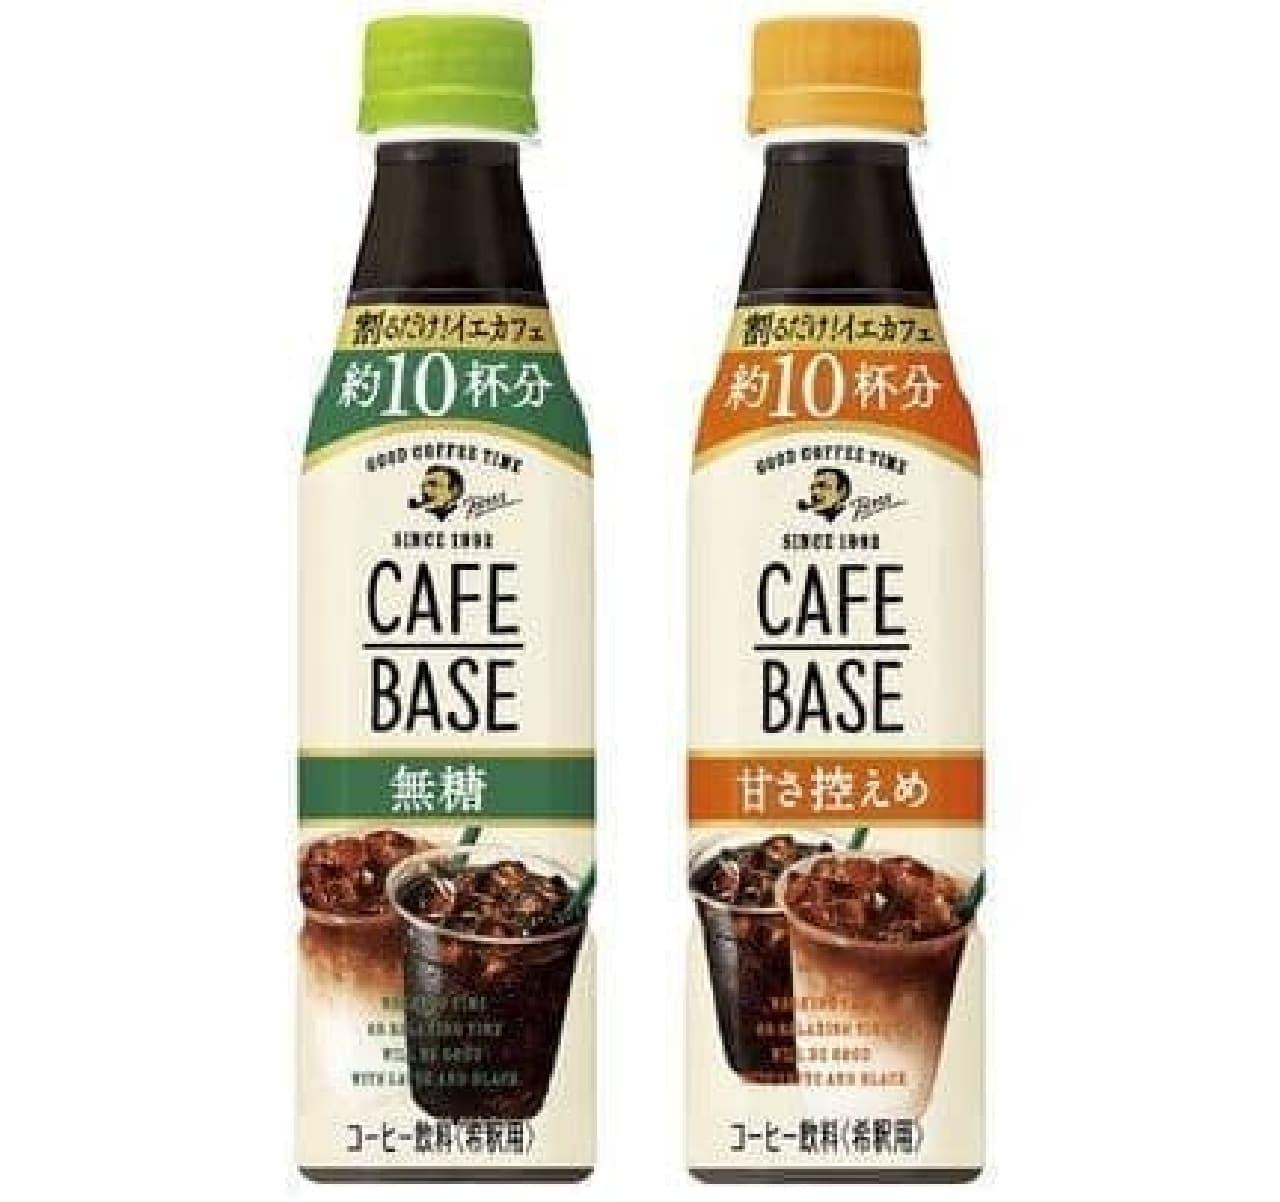 「ボス カフェベース 無糖」「ボス カフェベース 甘さ控えめ」